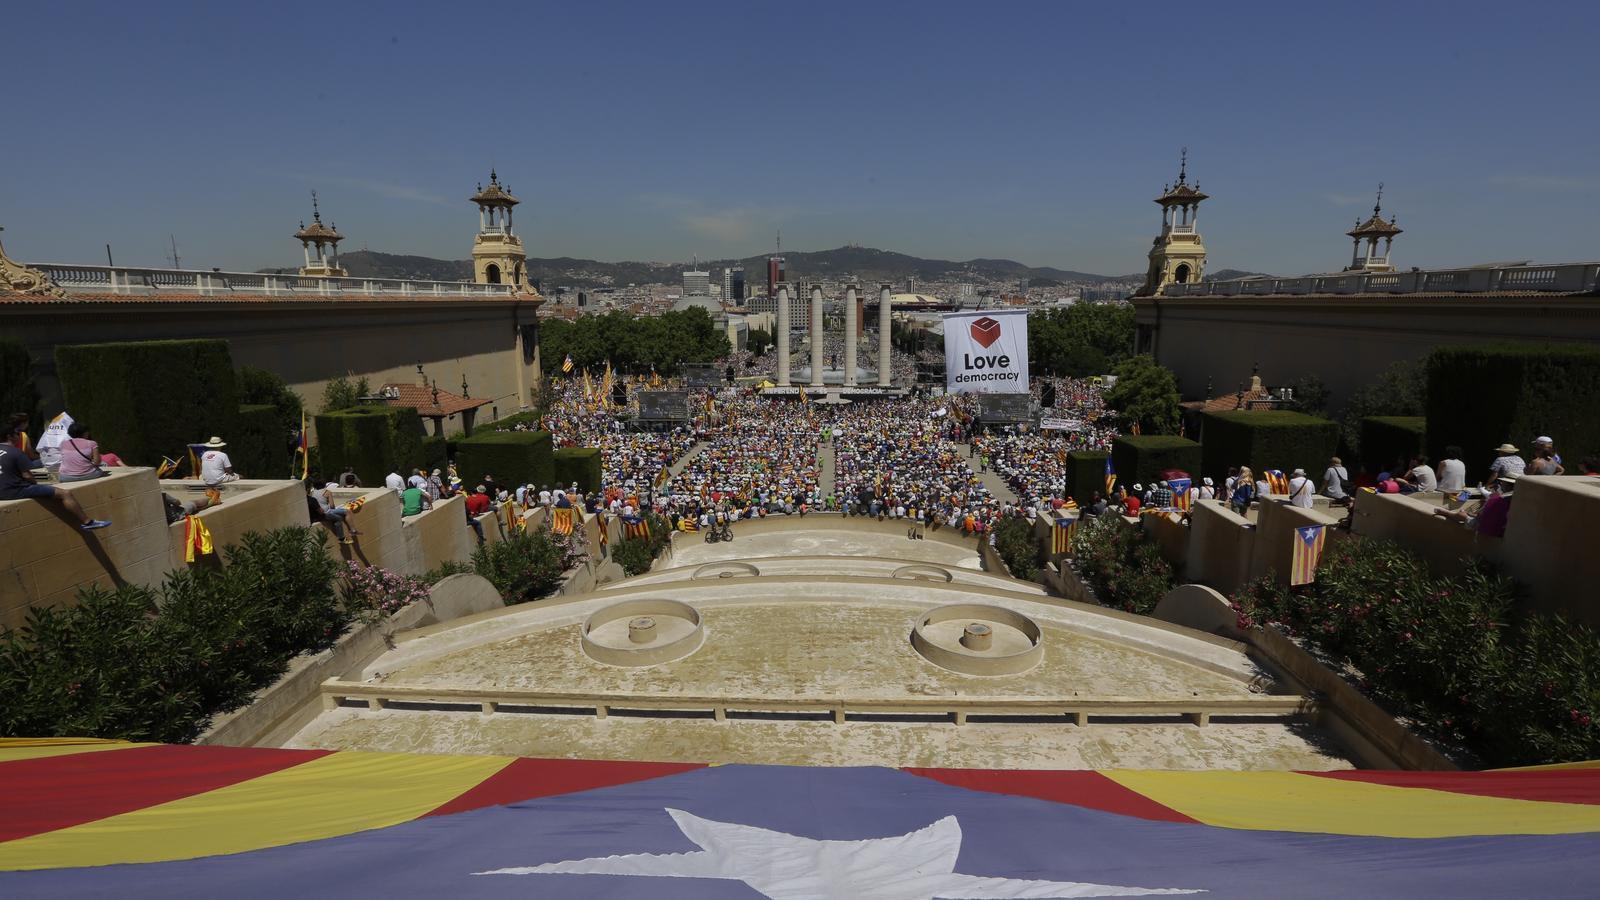 """Diversos membres de l'ANC d'Arenys de Munt, i altres a títol personal, van participar a la concentració """"Referèndum és Democràcia"""" que es va fer ahir a Barcelona per poder fer el referèndum de l'1 d'octubre."""